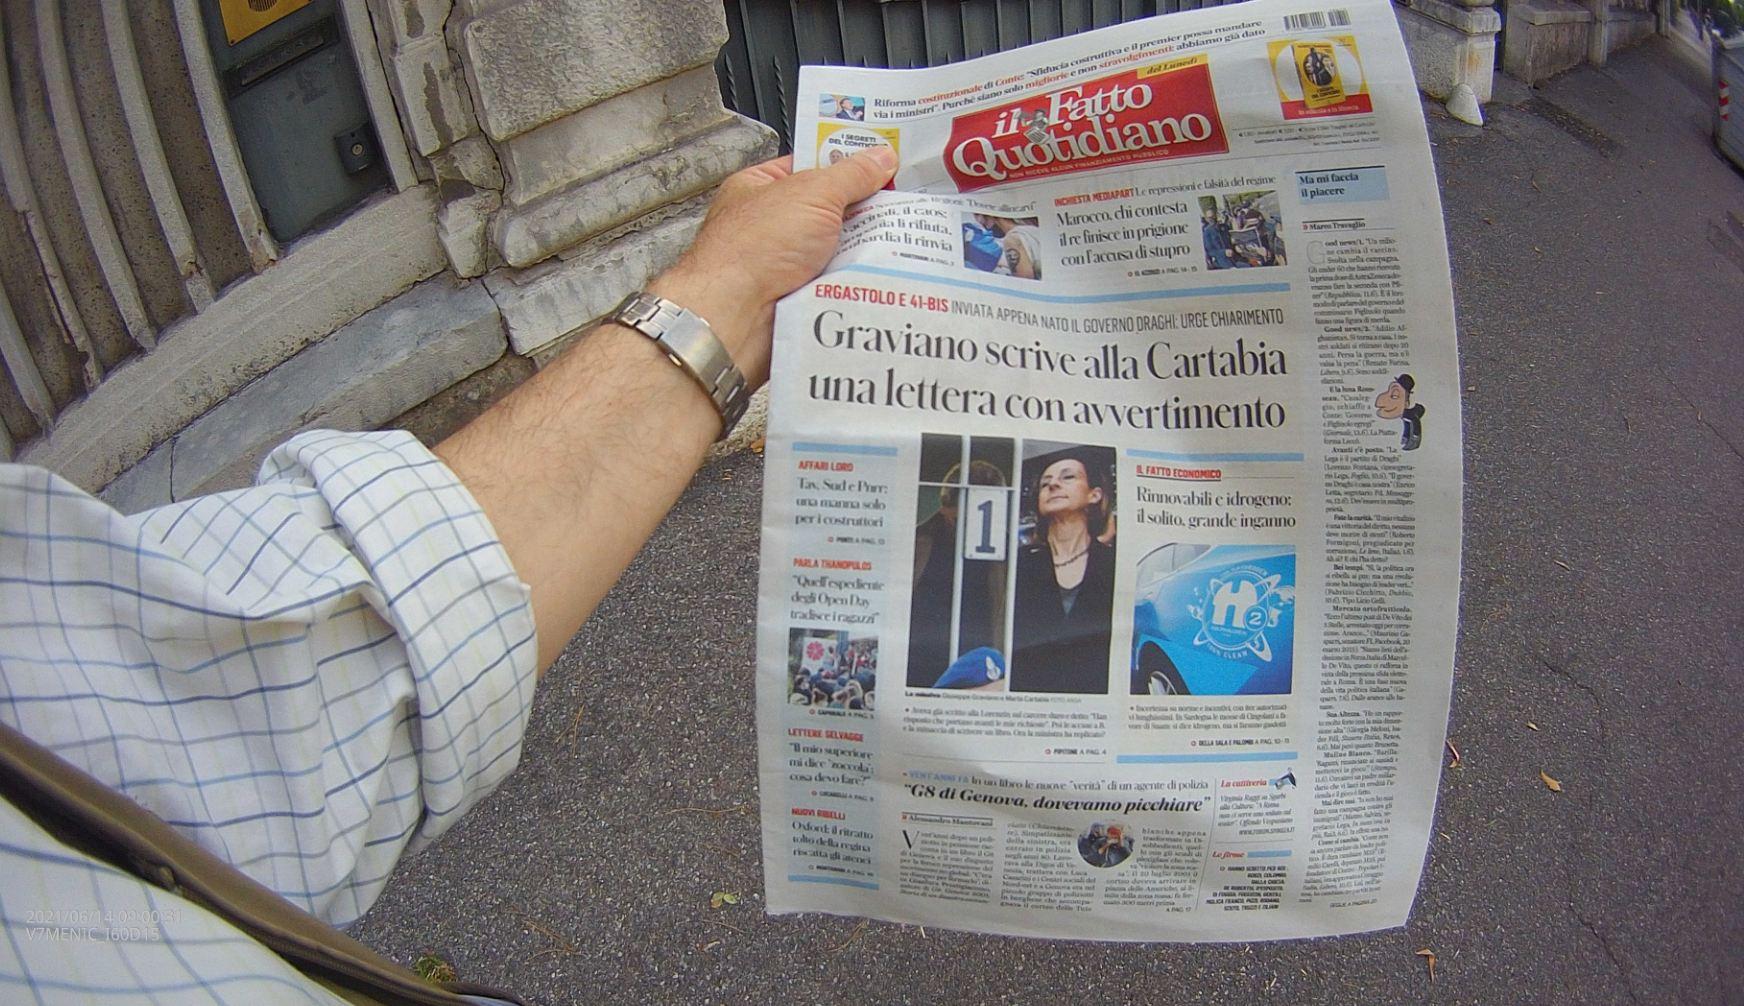 14giu21EdicolaCartabiaGravianoCCA2AVig4